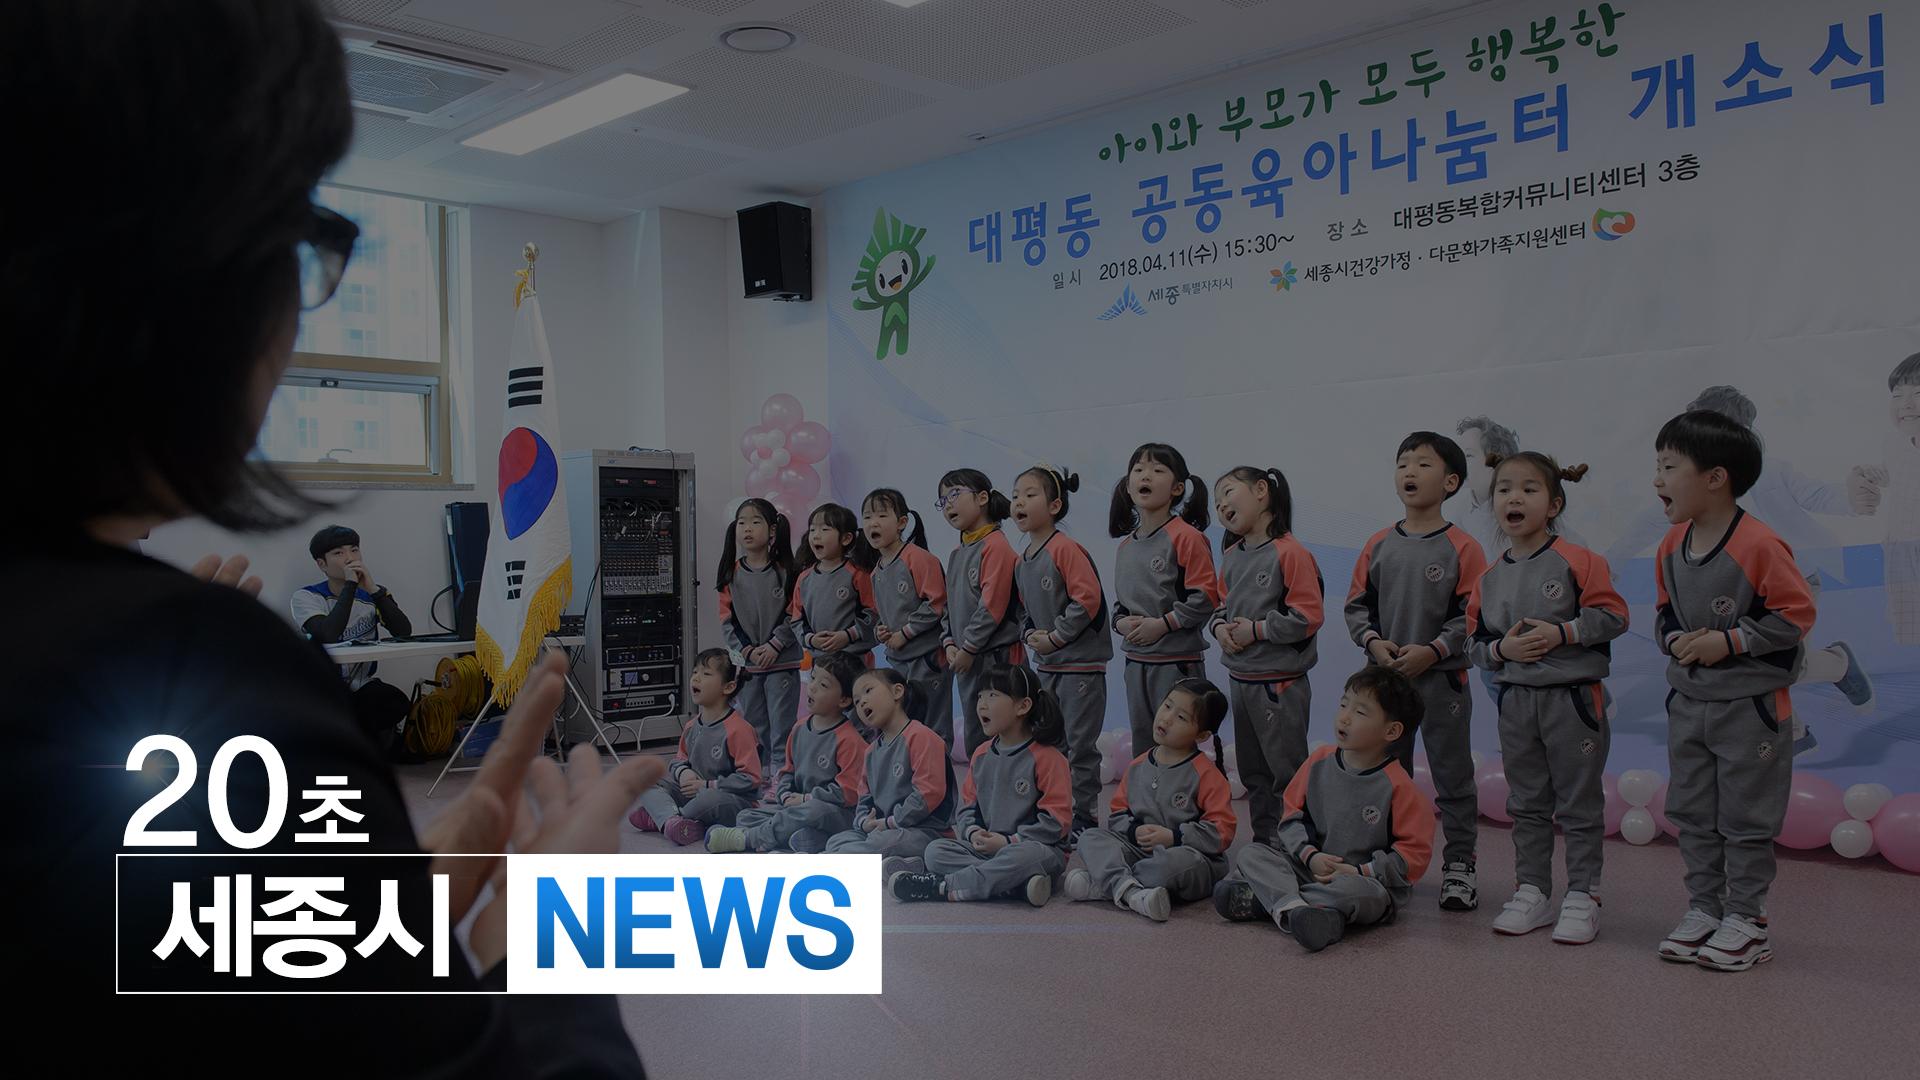 <20초뉴스> 세종시, 대평동 공동육아나눔터 개소